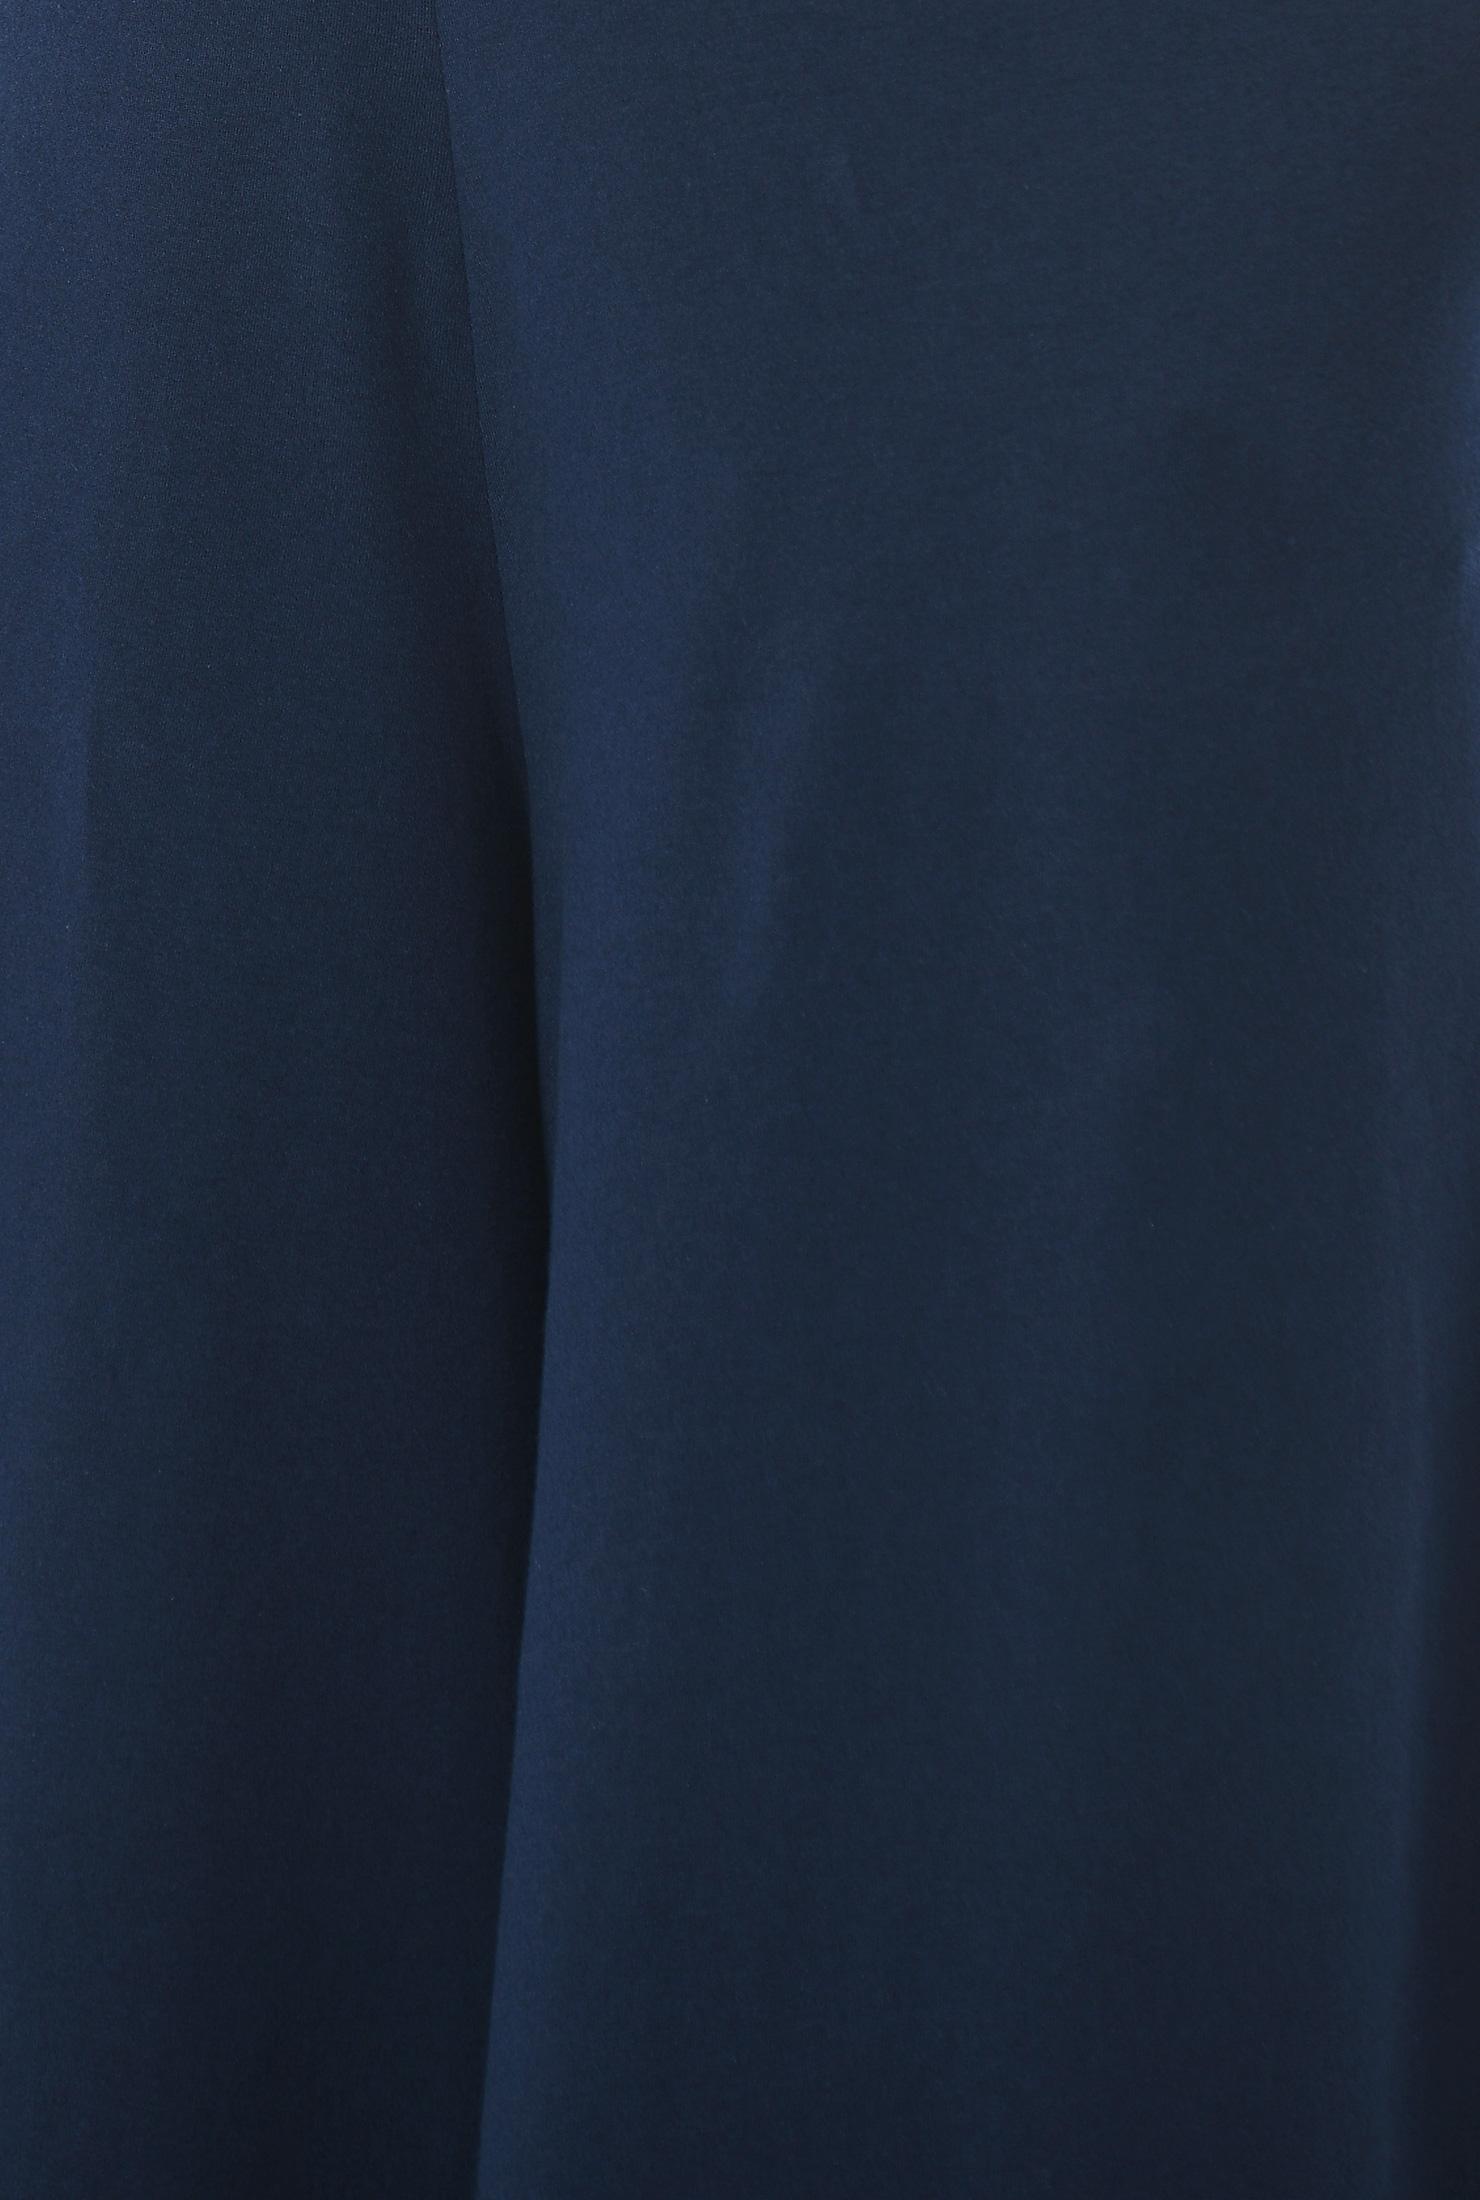 b70ec67d9f4d ... Asymmetric neck cotton knit jumpsuit. zapelle